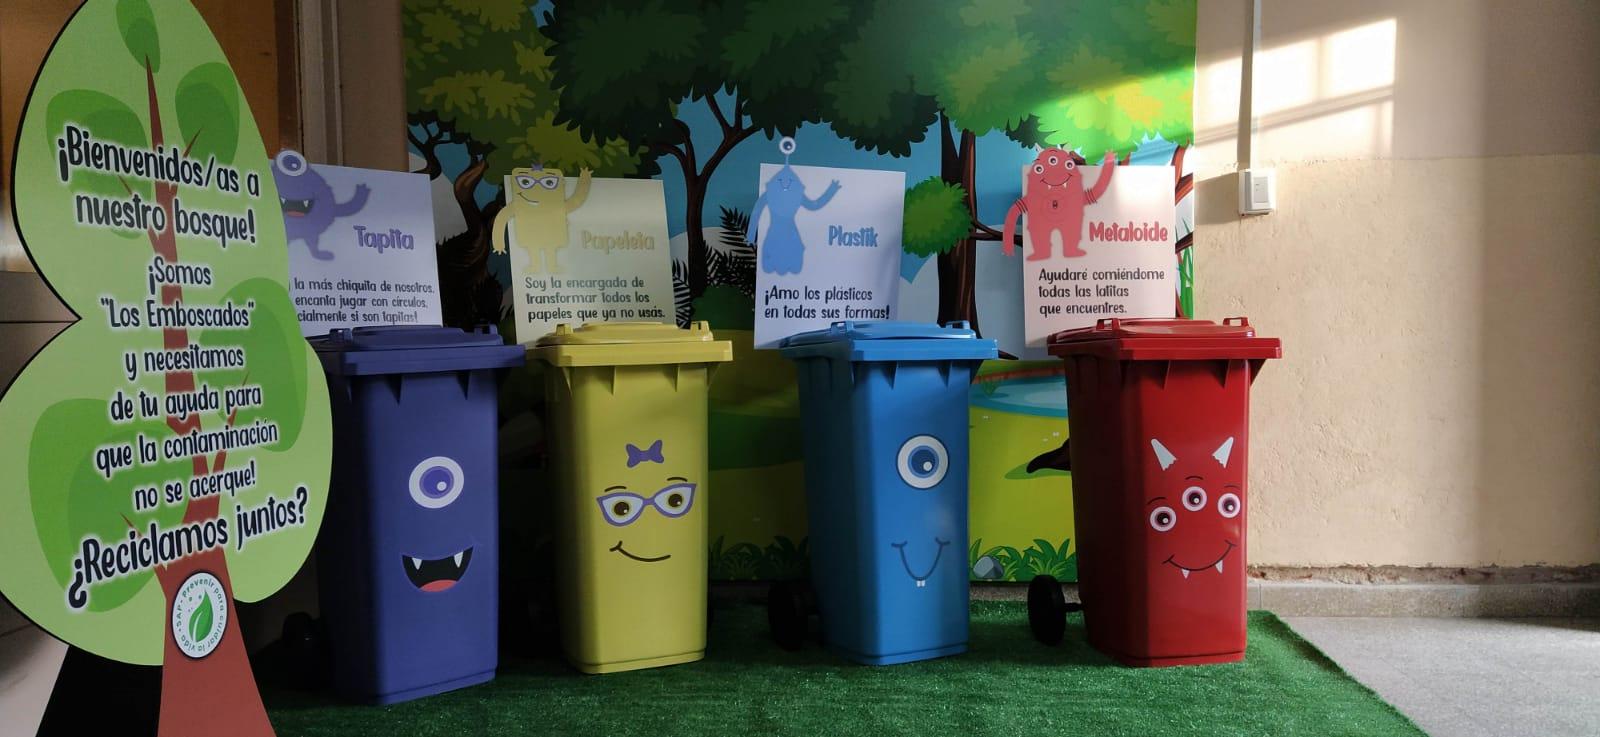 ¿Y vos ya comenzaste a reciclar?